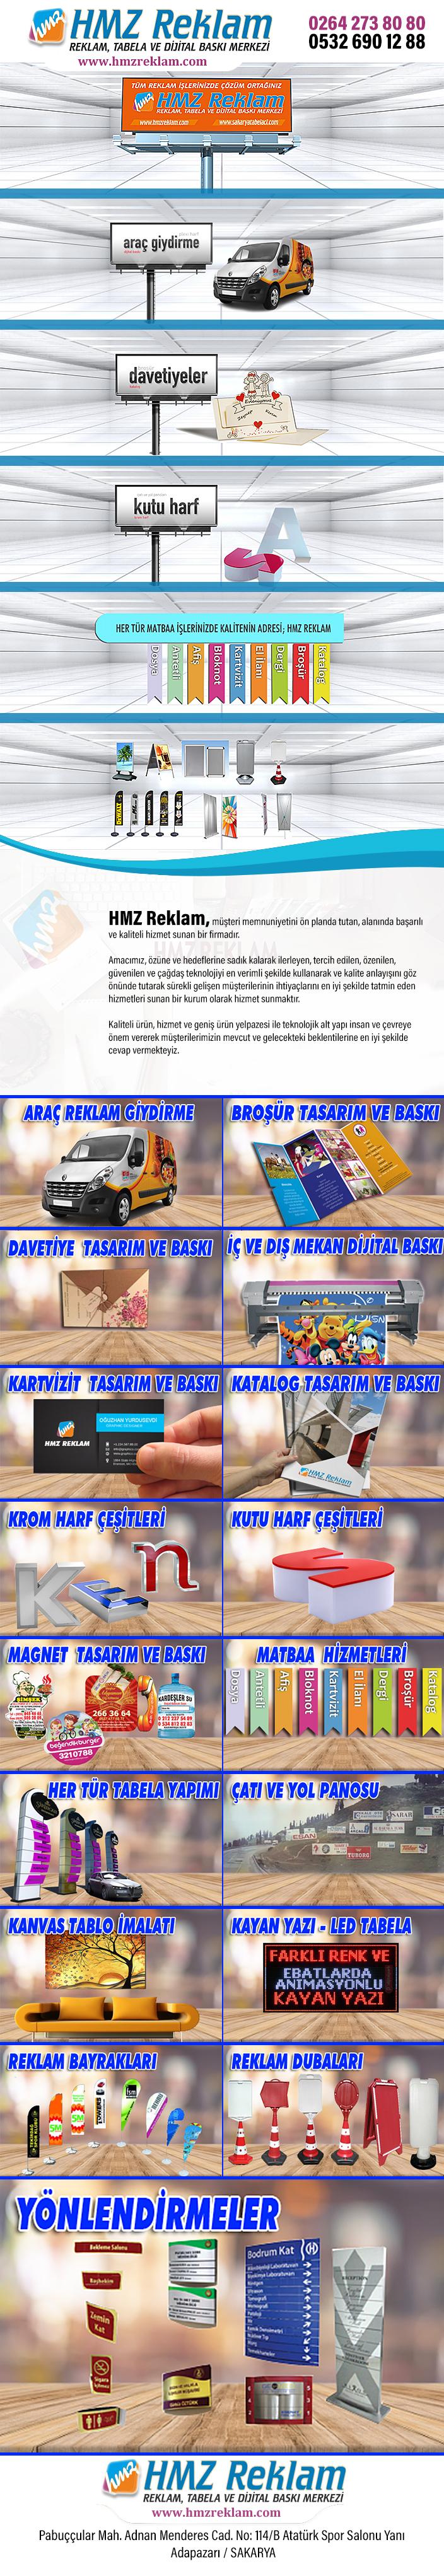 HMZ Reklam